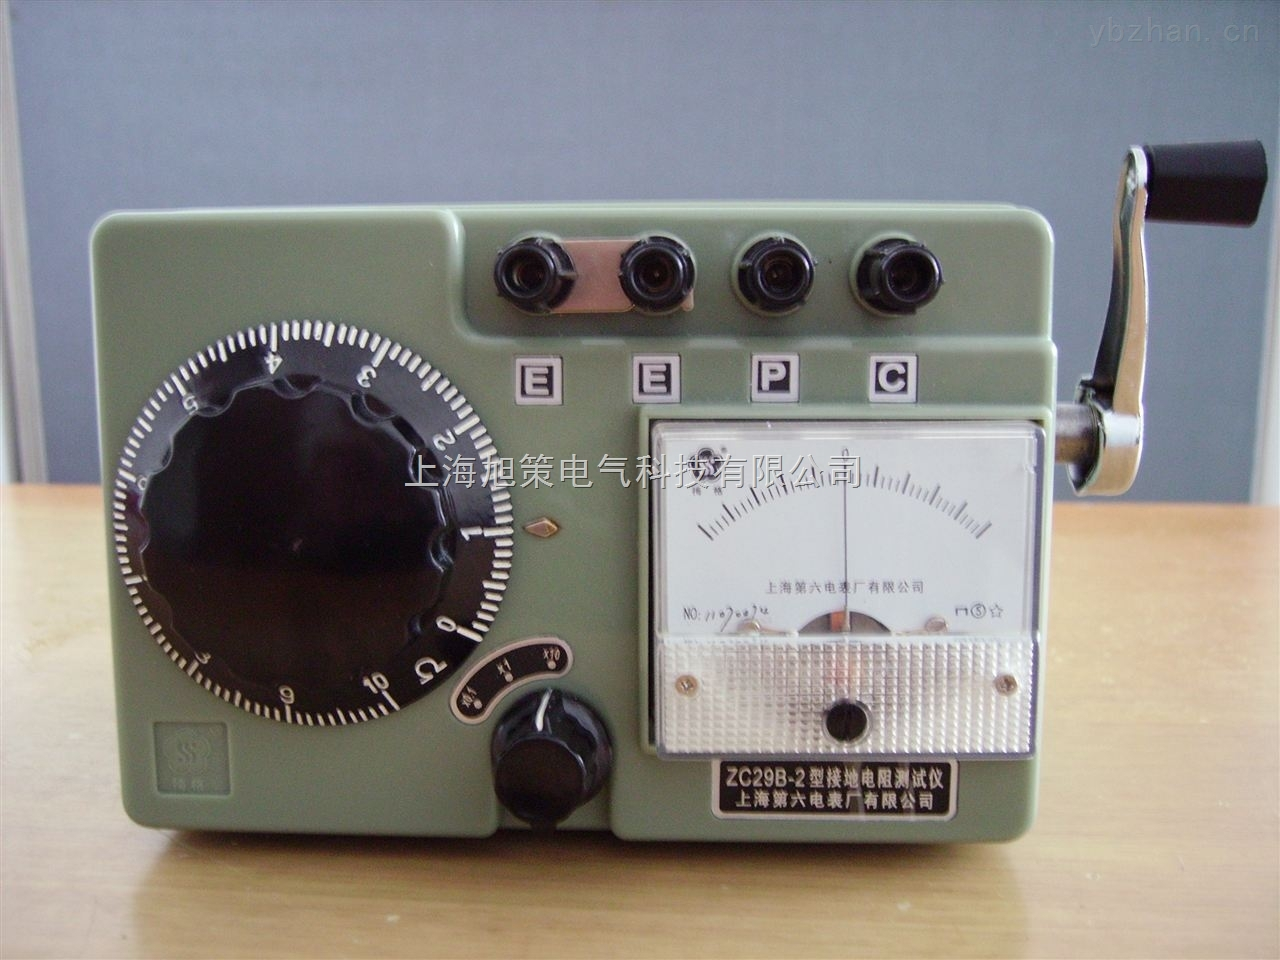 接地电阻测试仪以约120转/分钟的速度均匀地摇动摇表